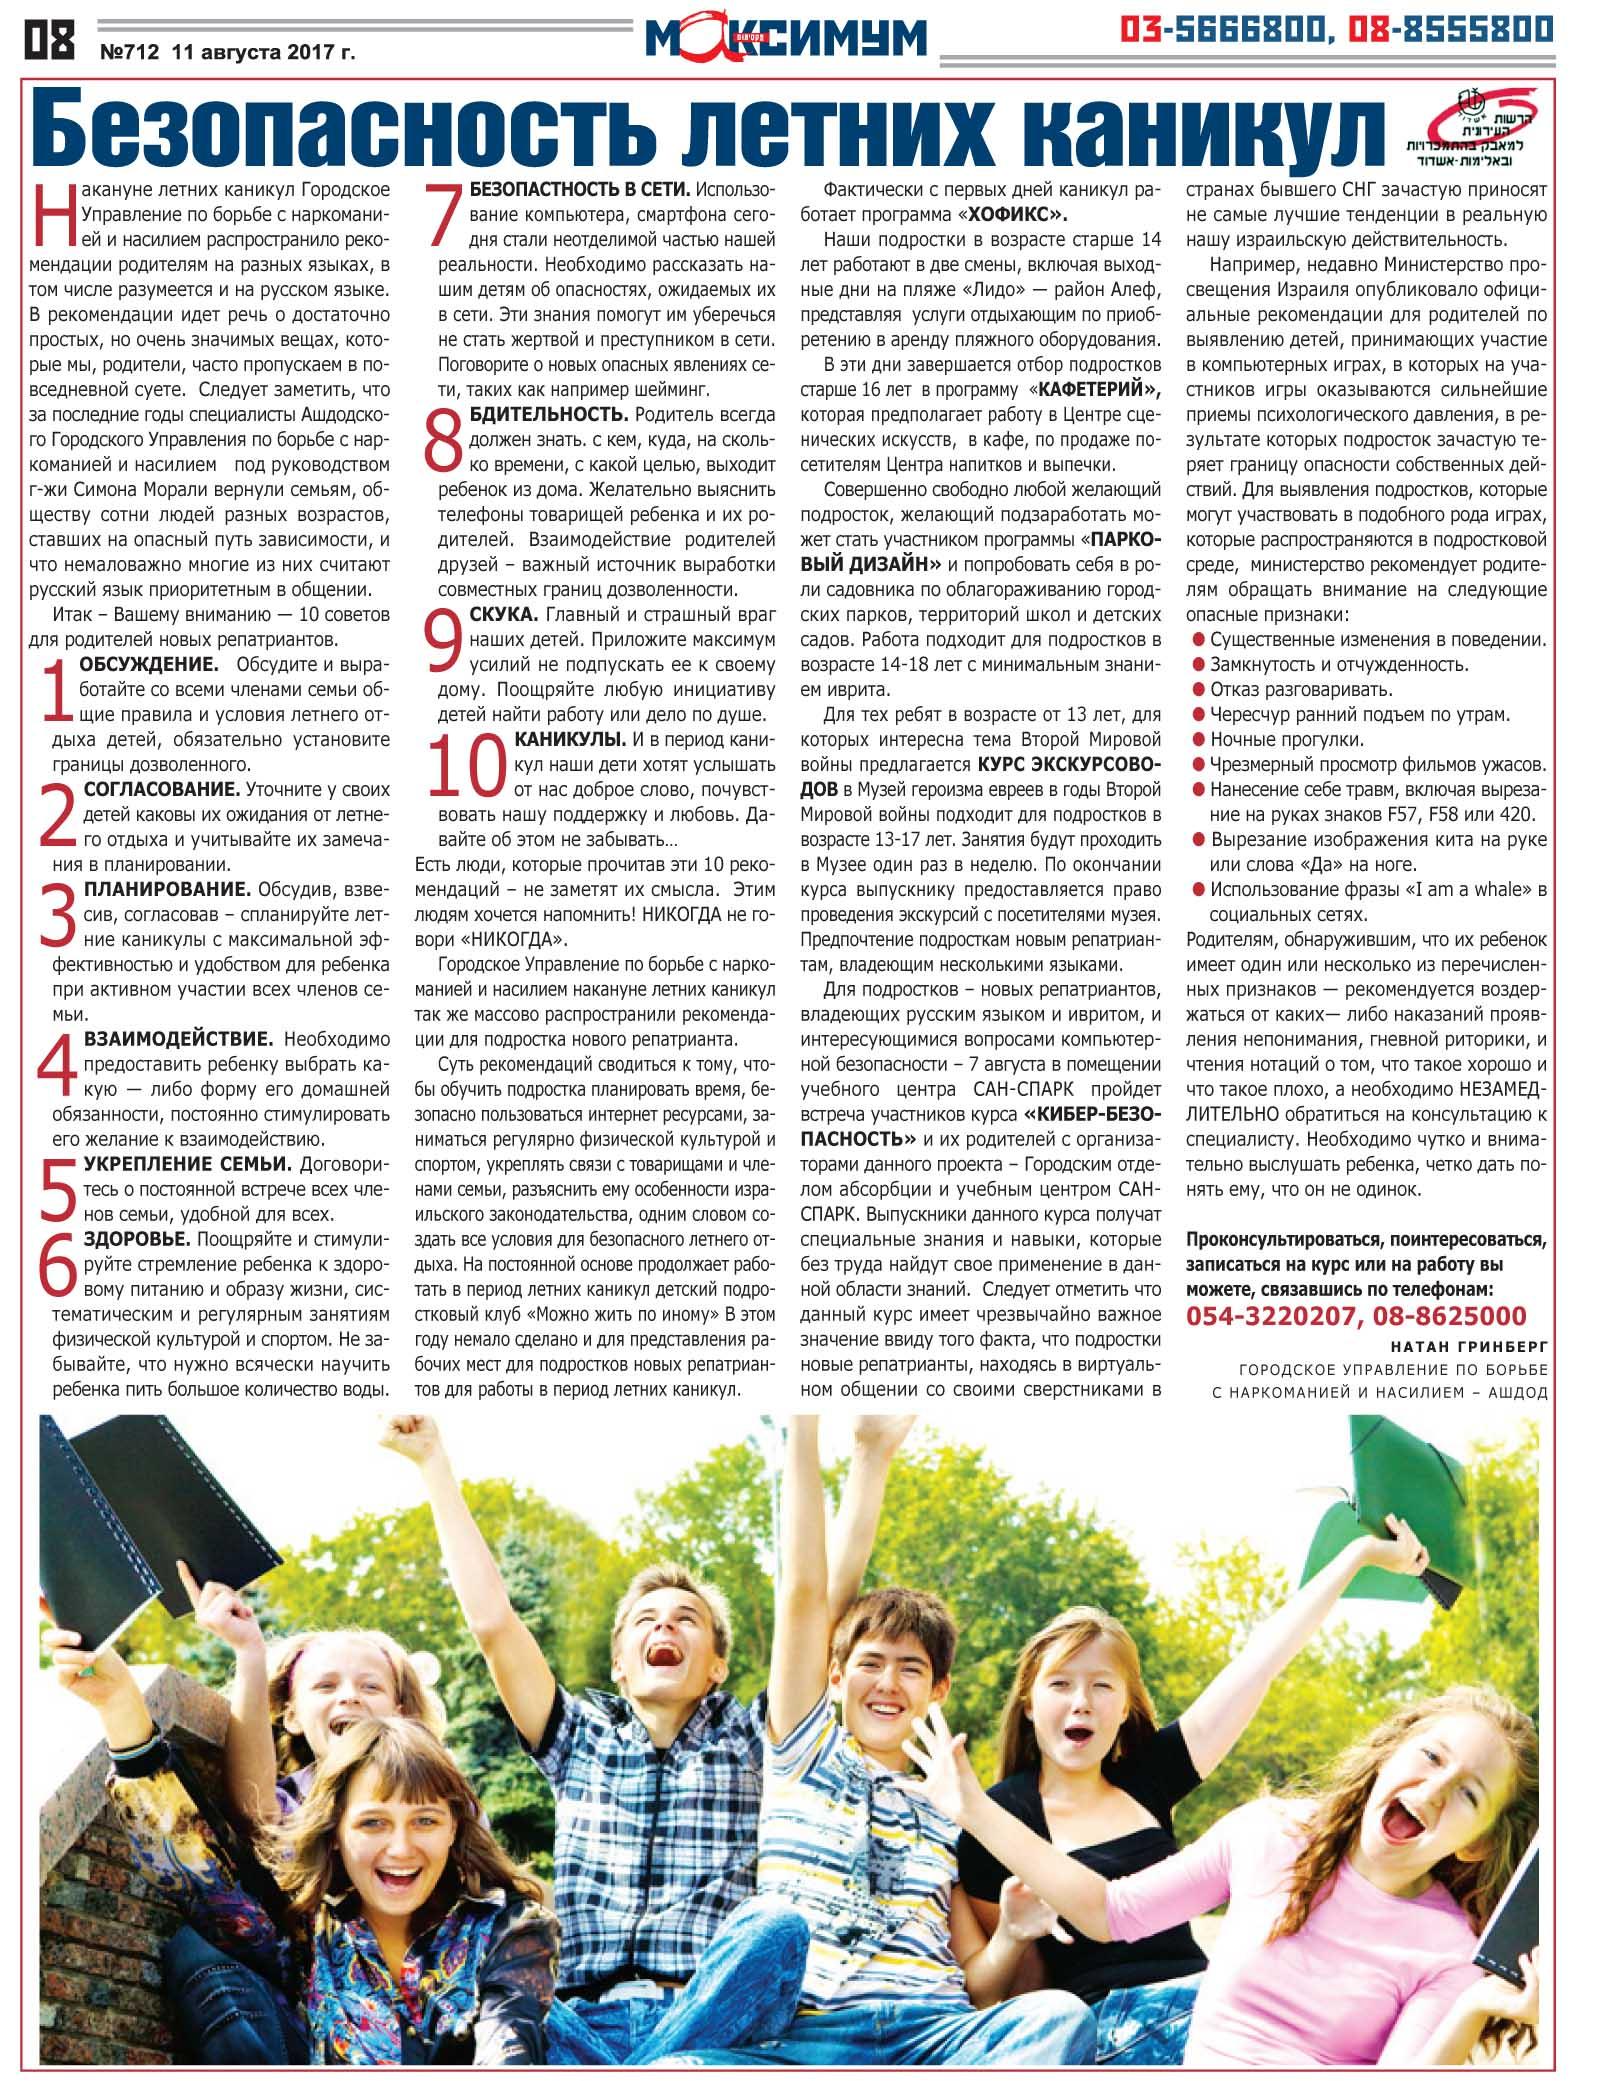 פרסום בעיתון מקסימום